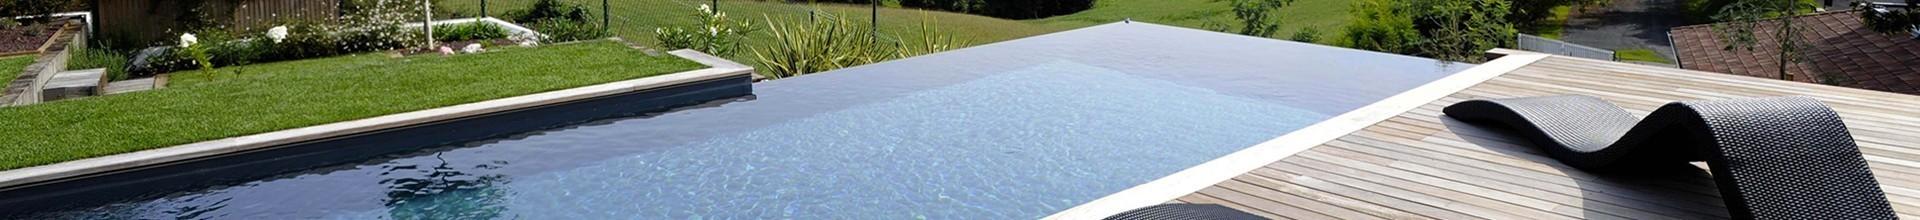 Direct usine, piscine coque prix Territoire de Belfort